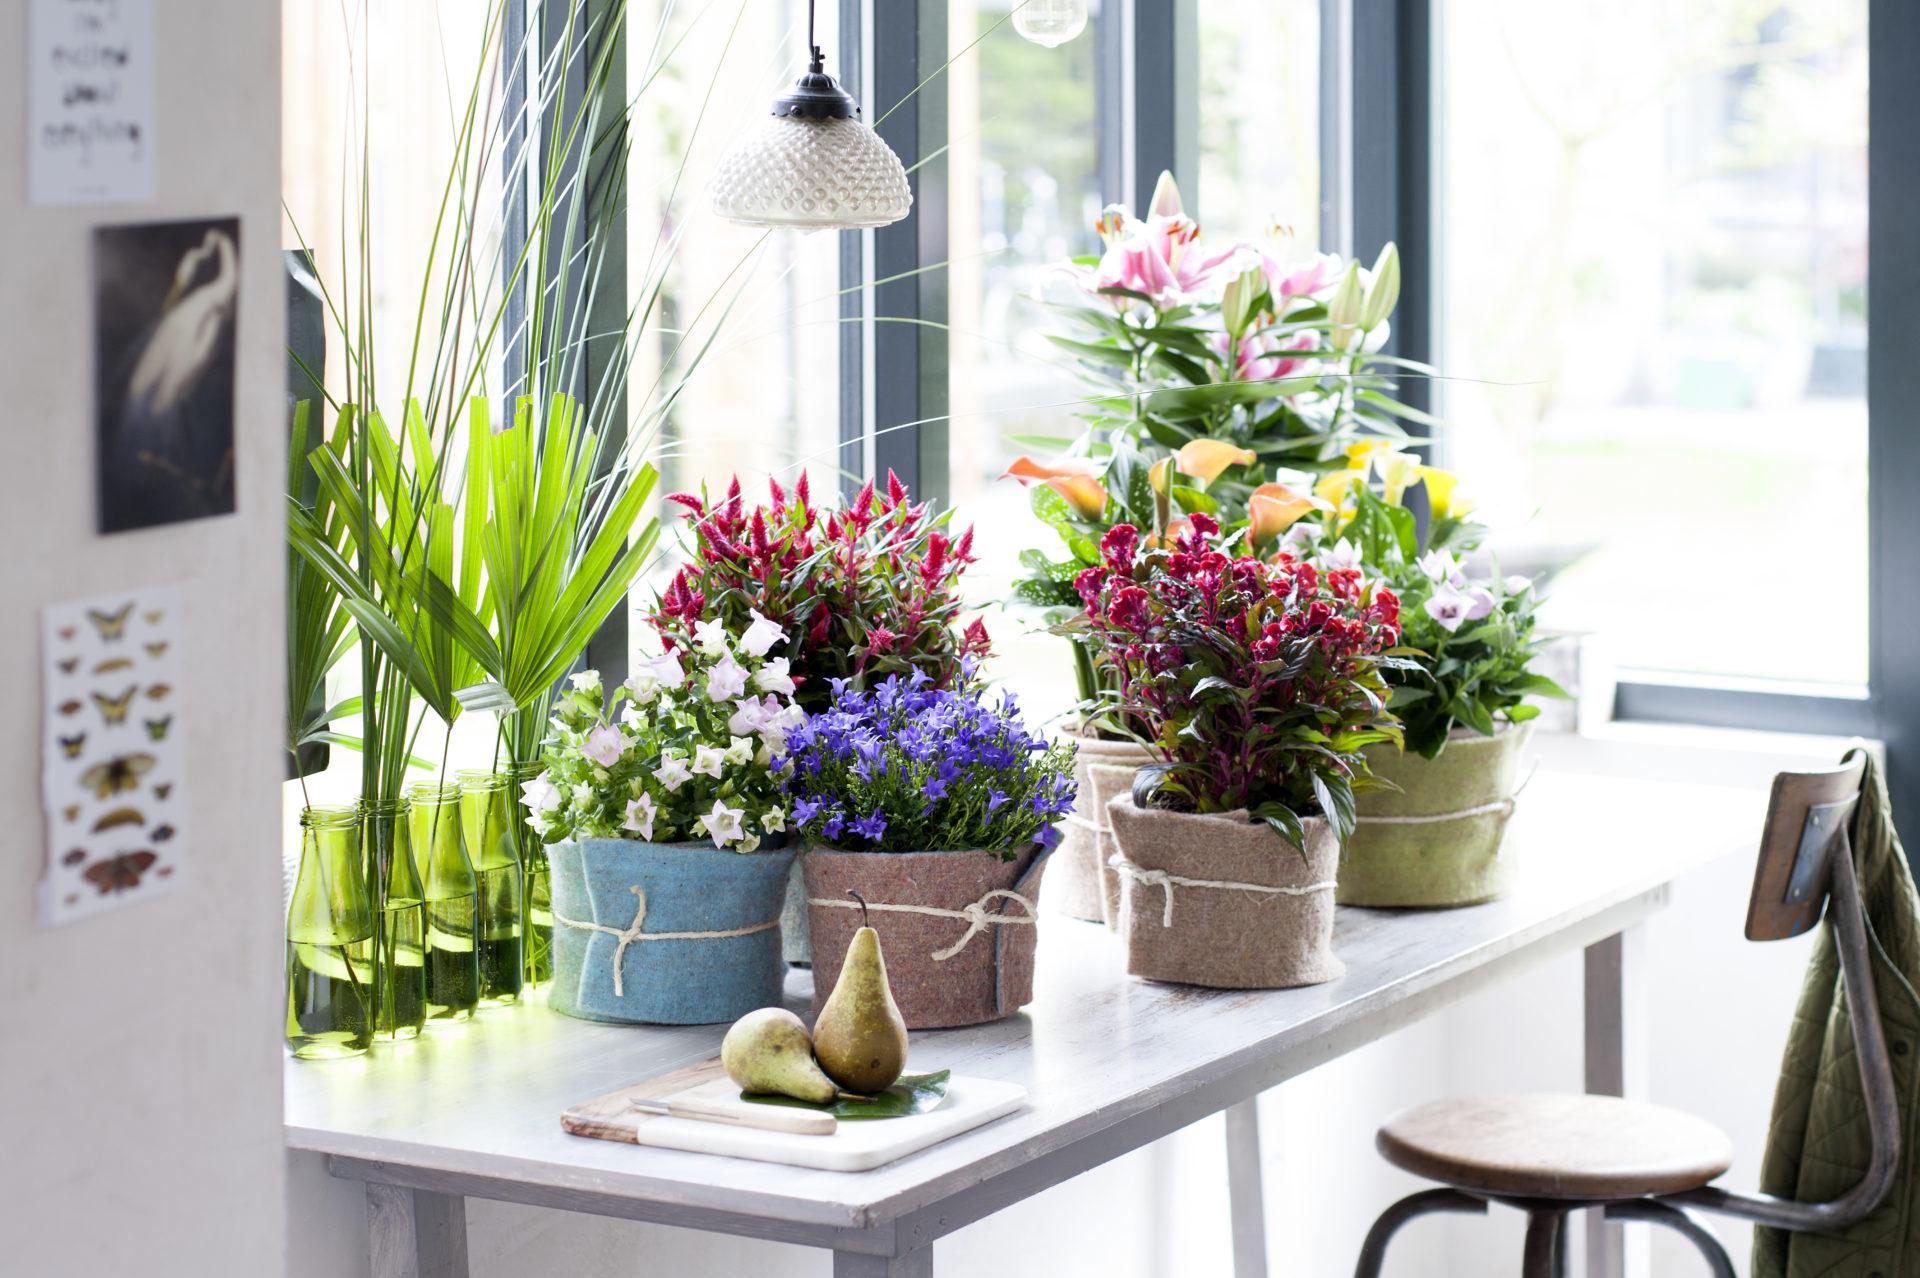 Binnenstebuiten-planten-05-2017-05 - kopie - kopie